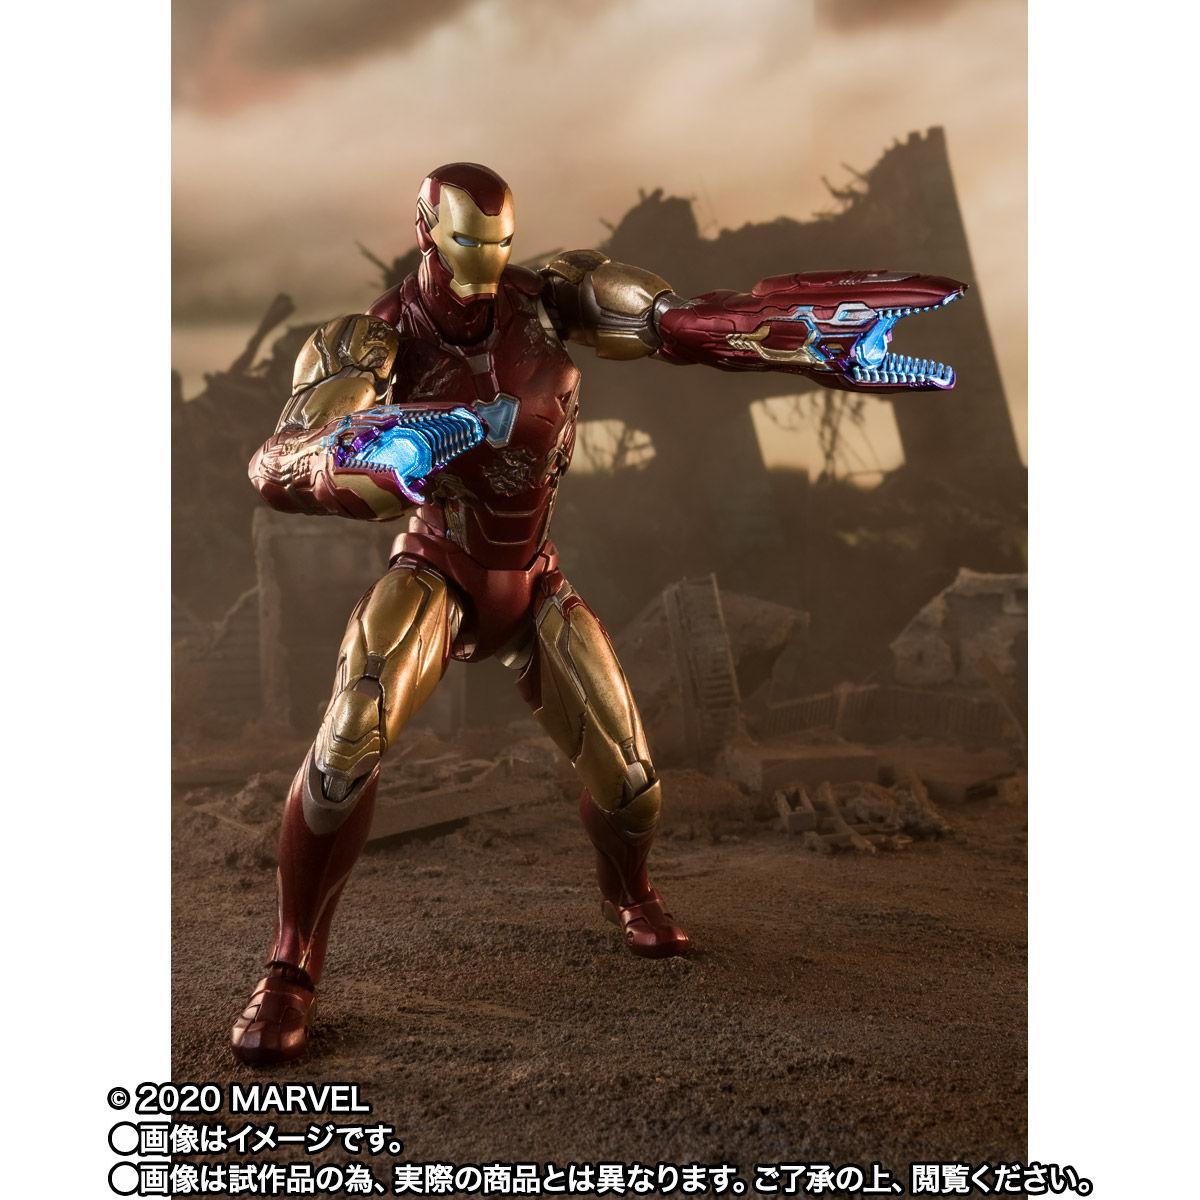 【限定販売】S.H.Figuarts『アイアンマン マーク85 -《I AM IRON MAN》EDITION-』アベンジャーズ/エンドゲーム 可動フィギュア-006